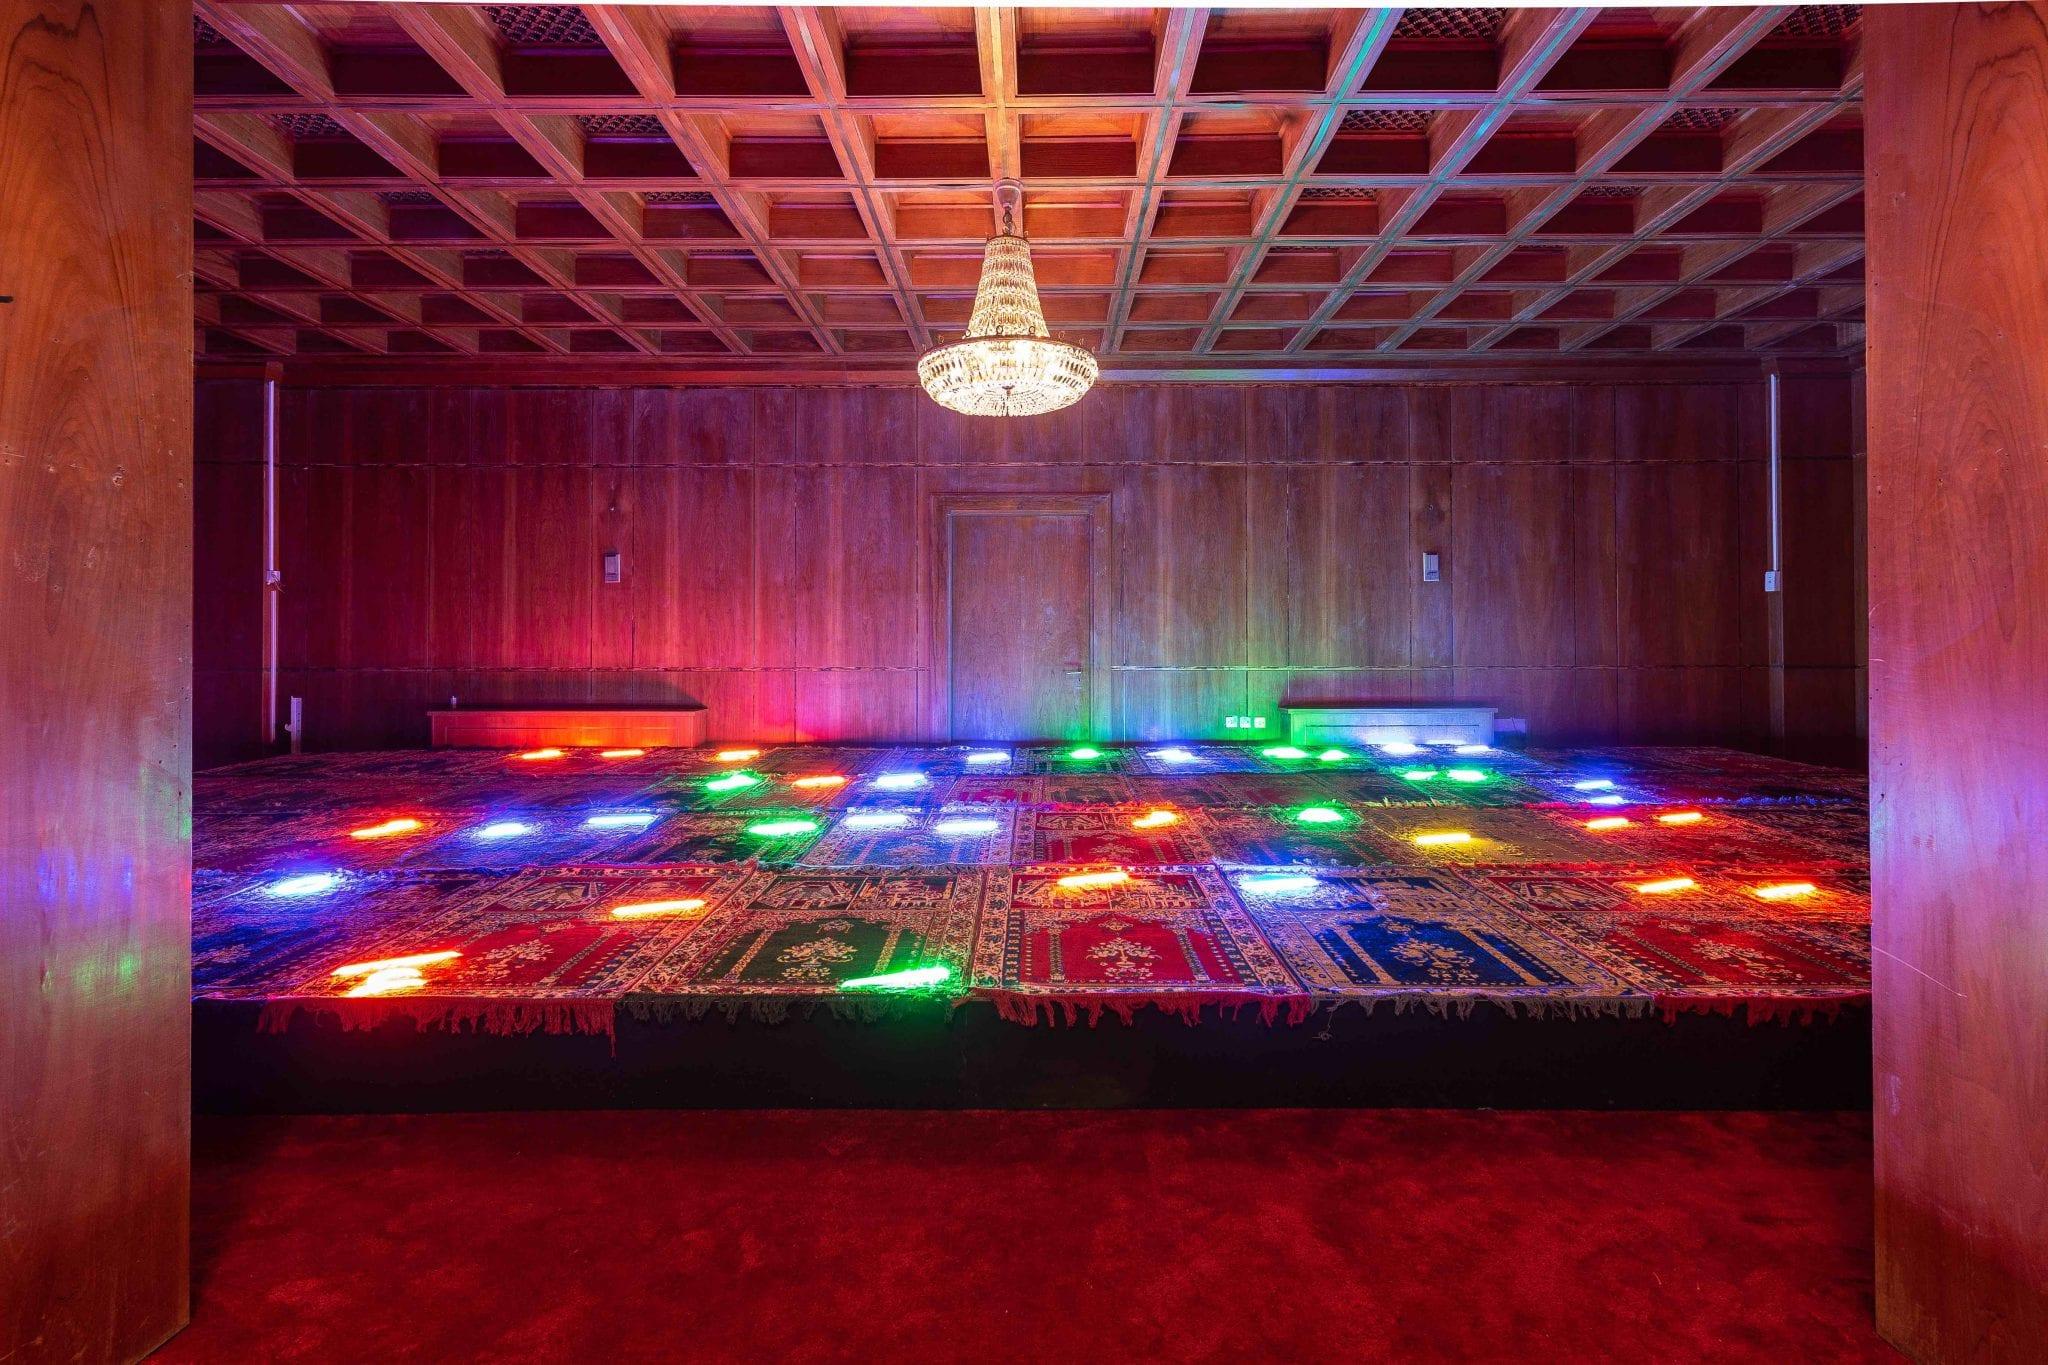 The Red Palace. A Riyadh una mostra di Sultan bin Fahad inaugura la seconda vita del Palazzo